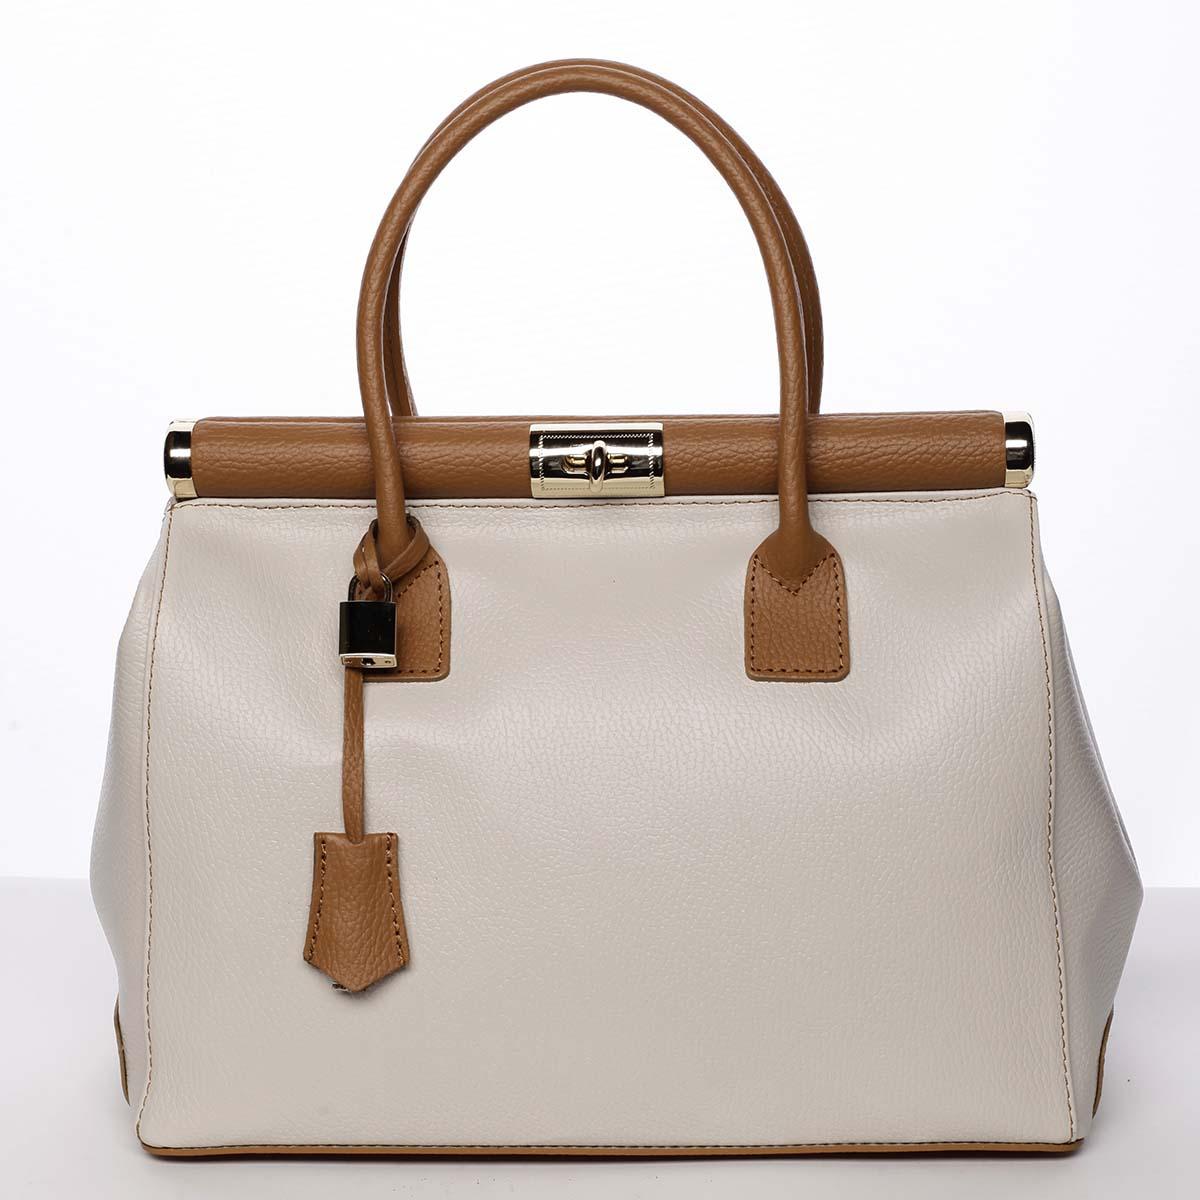 Originálna módna dámska kožená kabelka do ruky béžová - ItalY Hila béžová